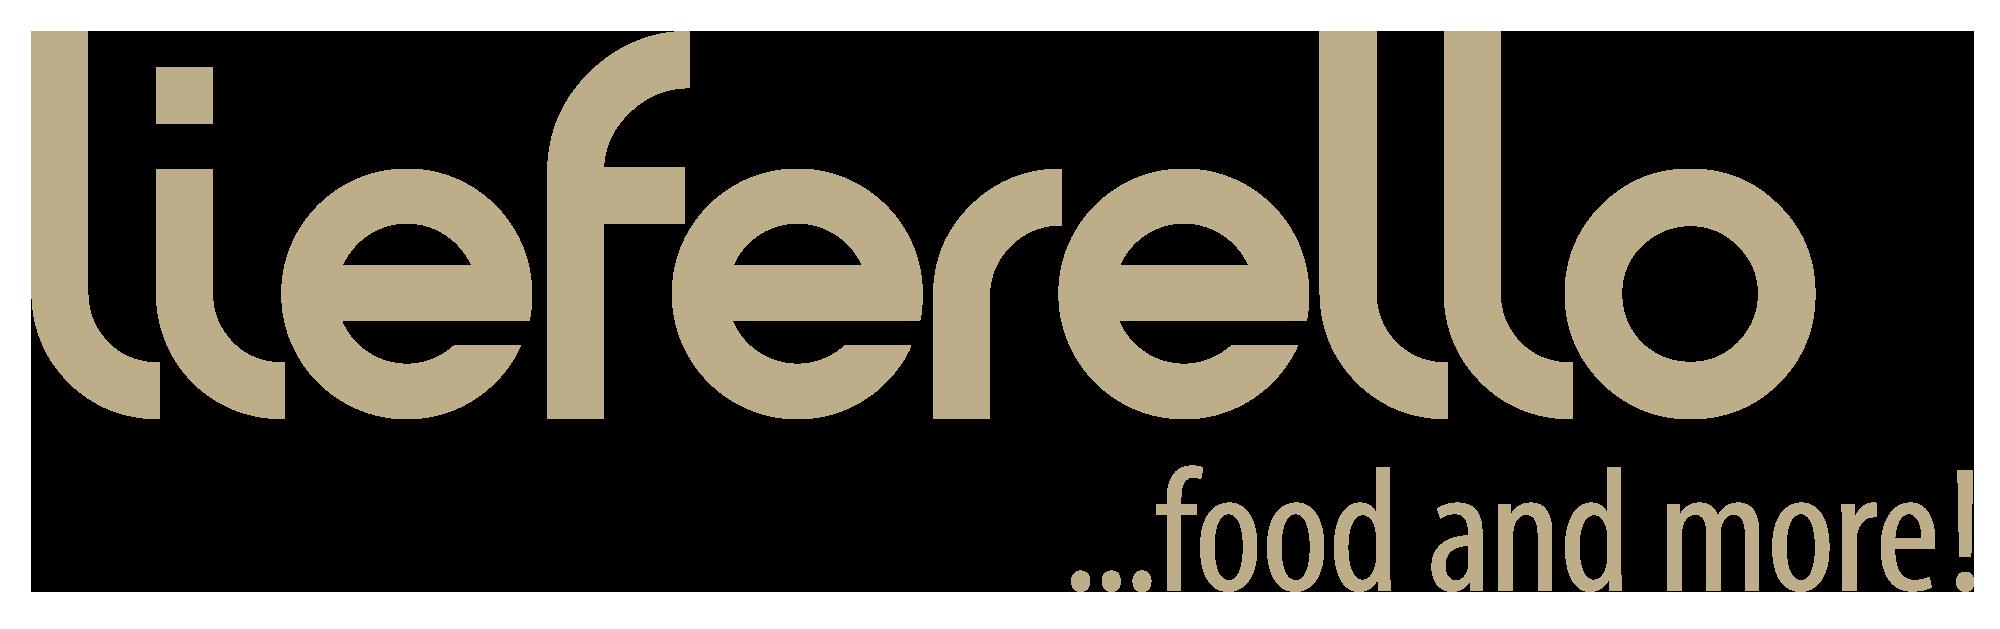 Lieferello Logo